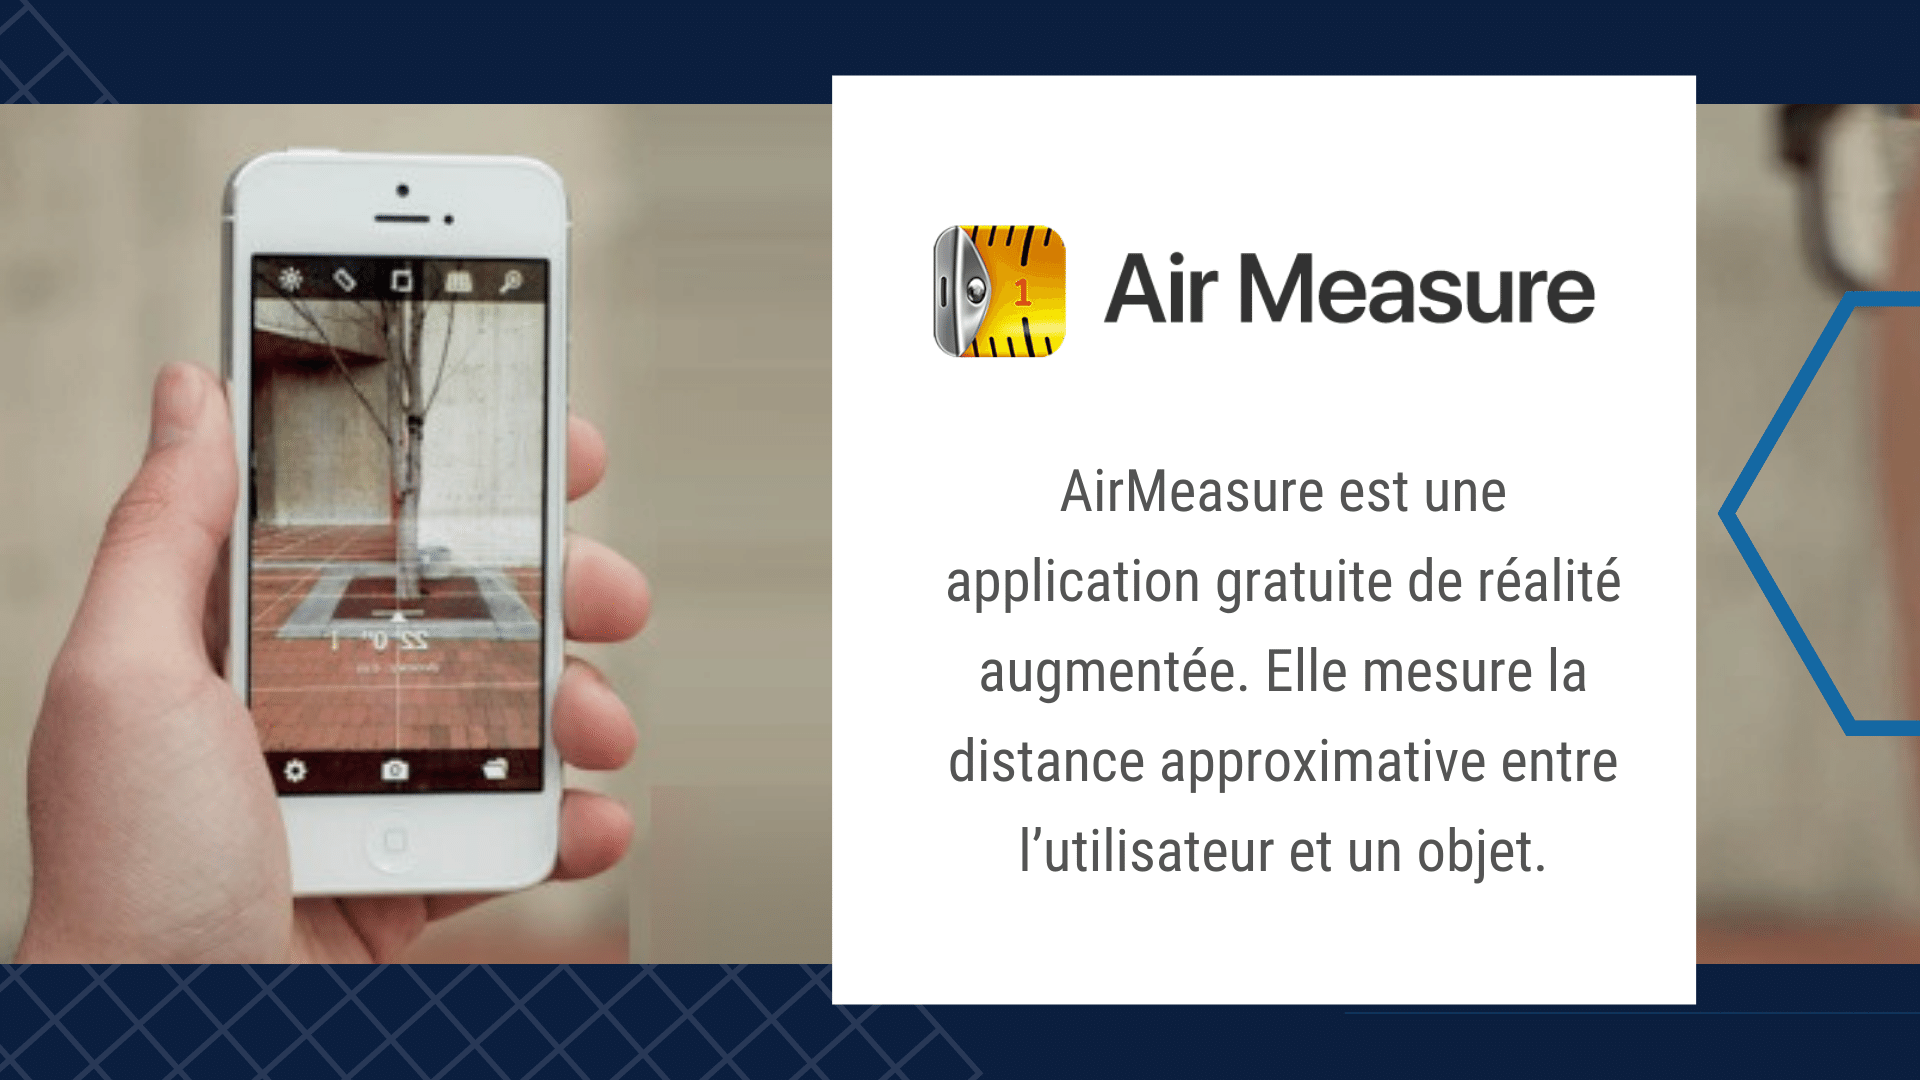 17 Applications de Construction Gratuites - Outils sur votre smartphone | Air Measure via ArchiSnapper